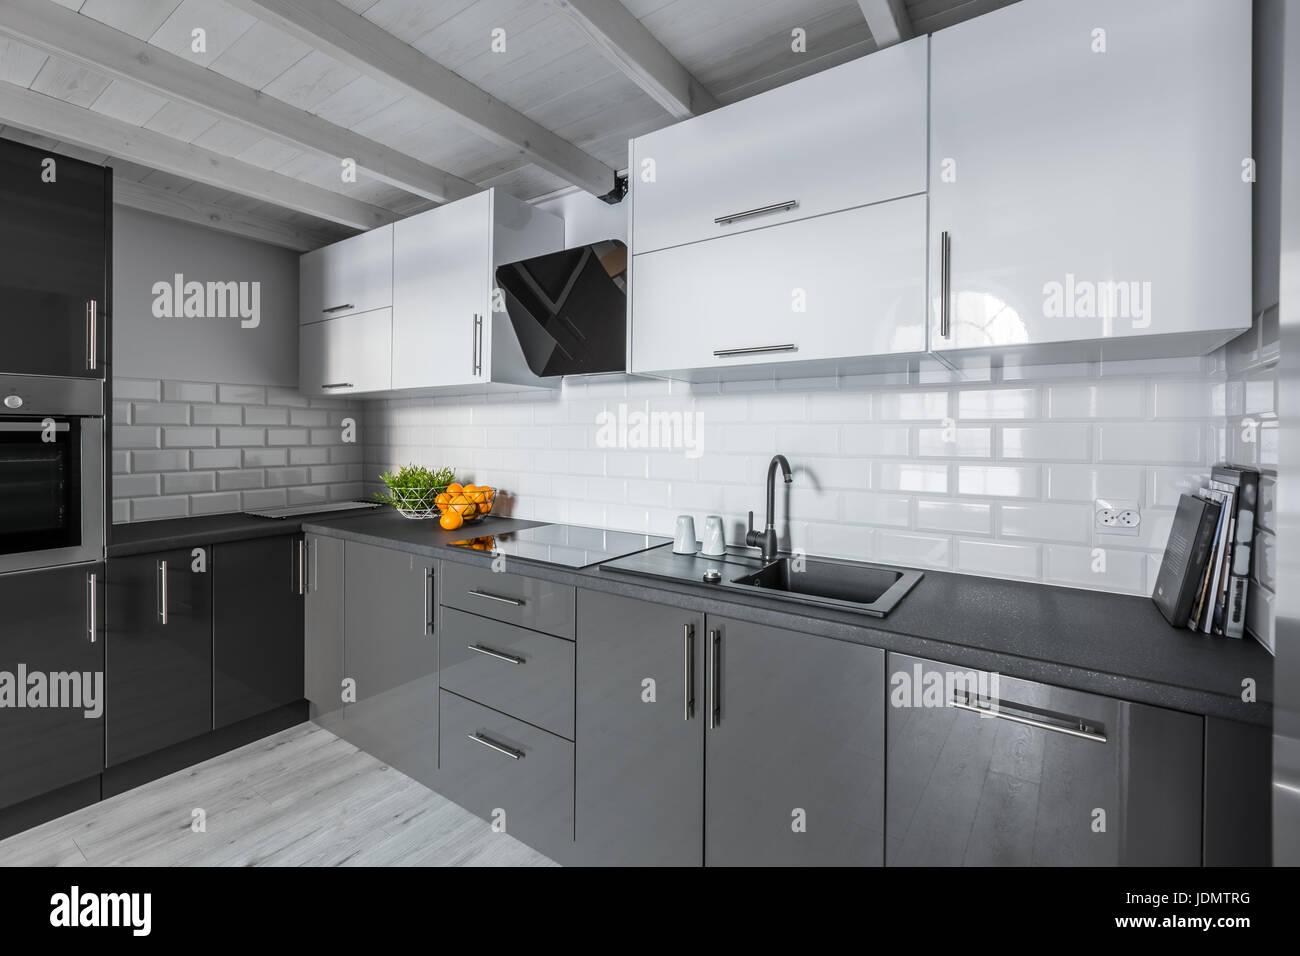 Moderne Kuche Mit Weissen Stein Fliesen Und Holzdecke Stockfoto Bild